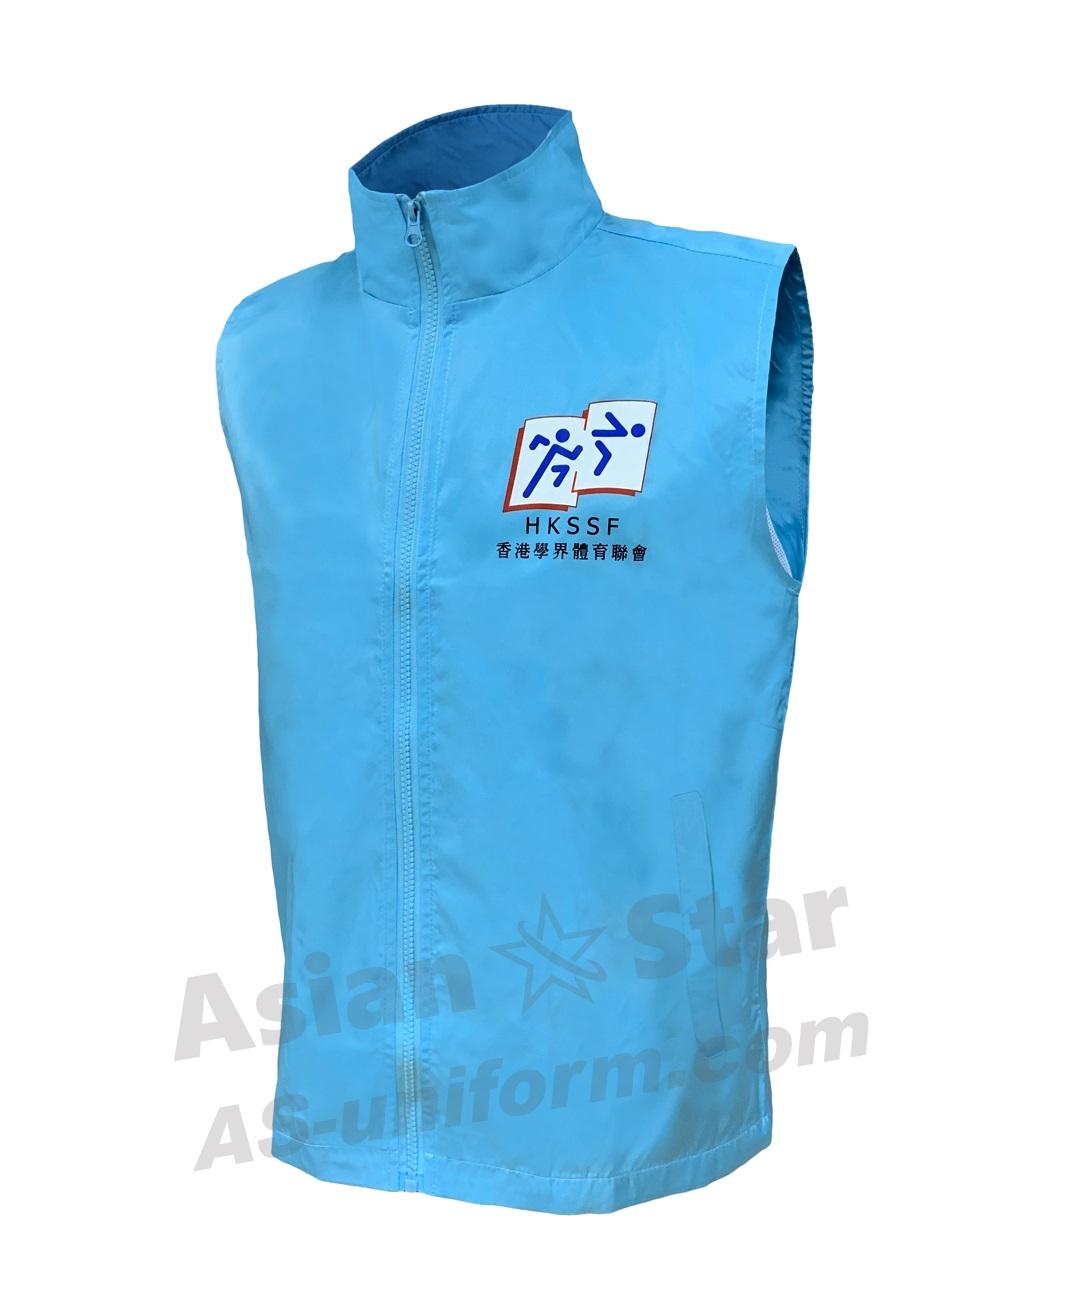 訂造拉鍊背心外套AS401-香港學界體育聯會